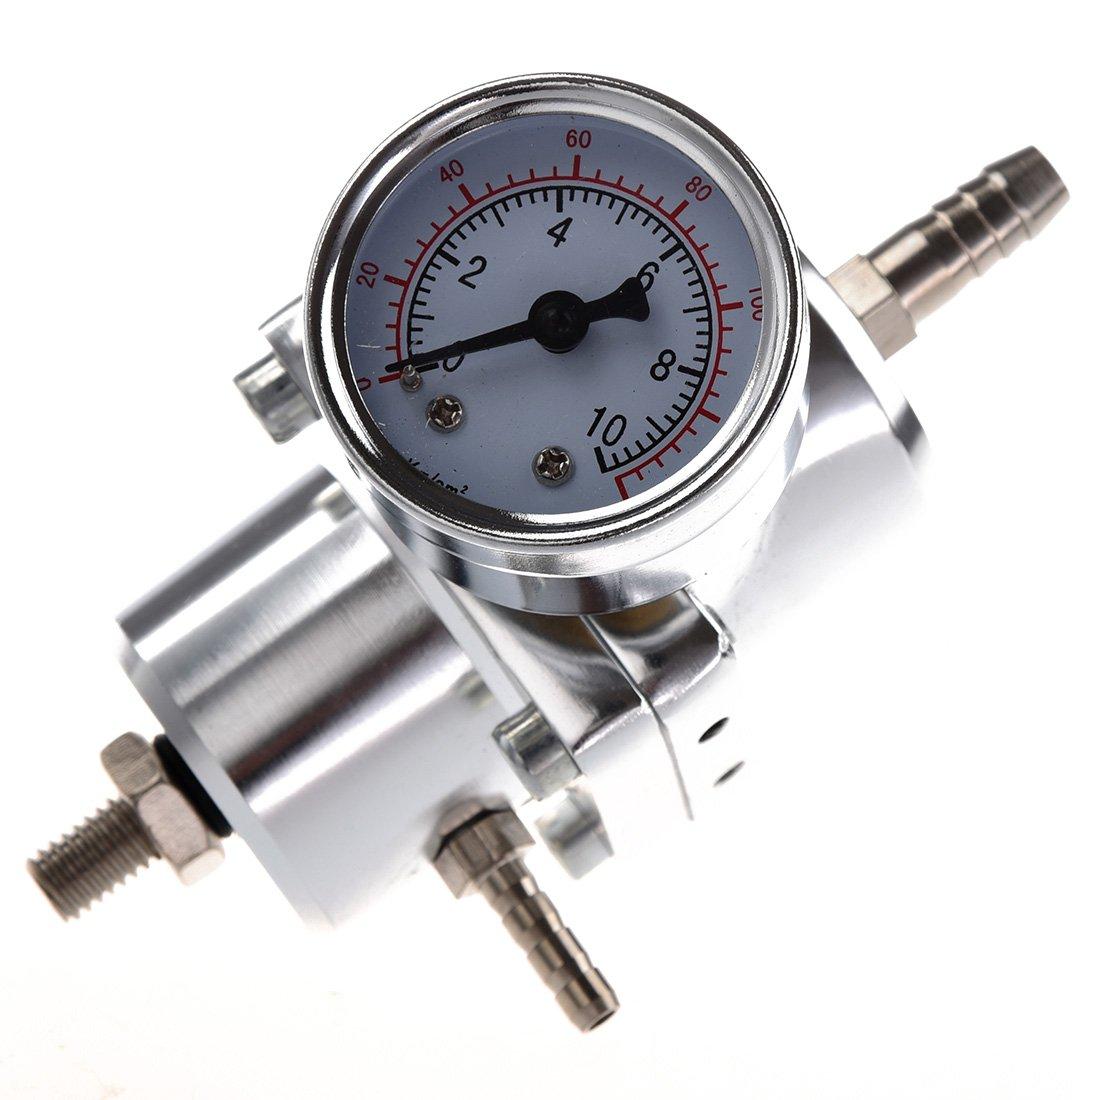 SODIAL(R) Universal Car Fuel regolabile regolatore di pressione con manometro Argento